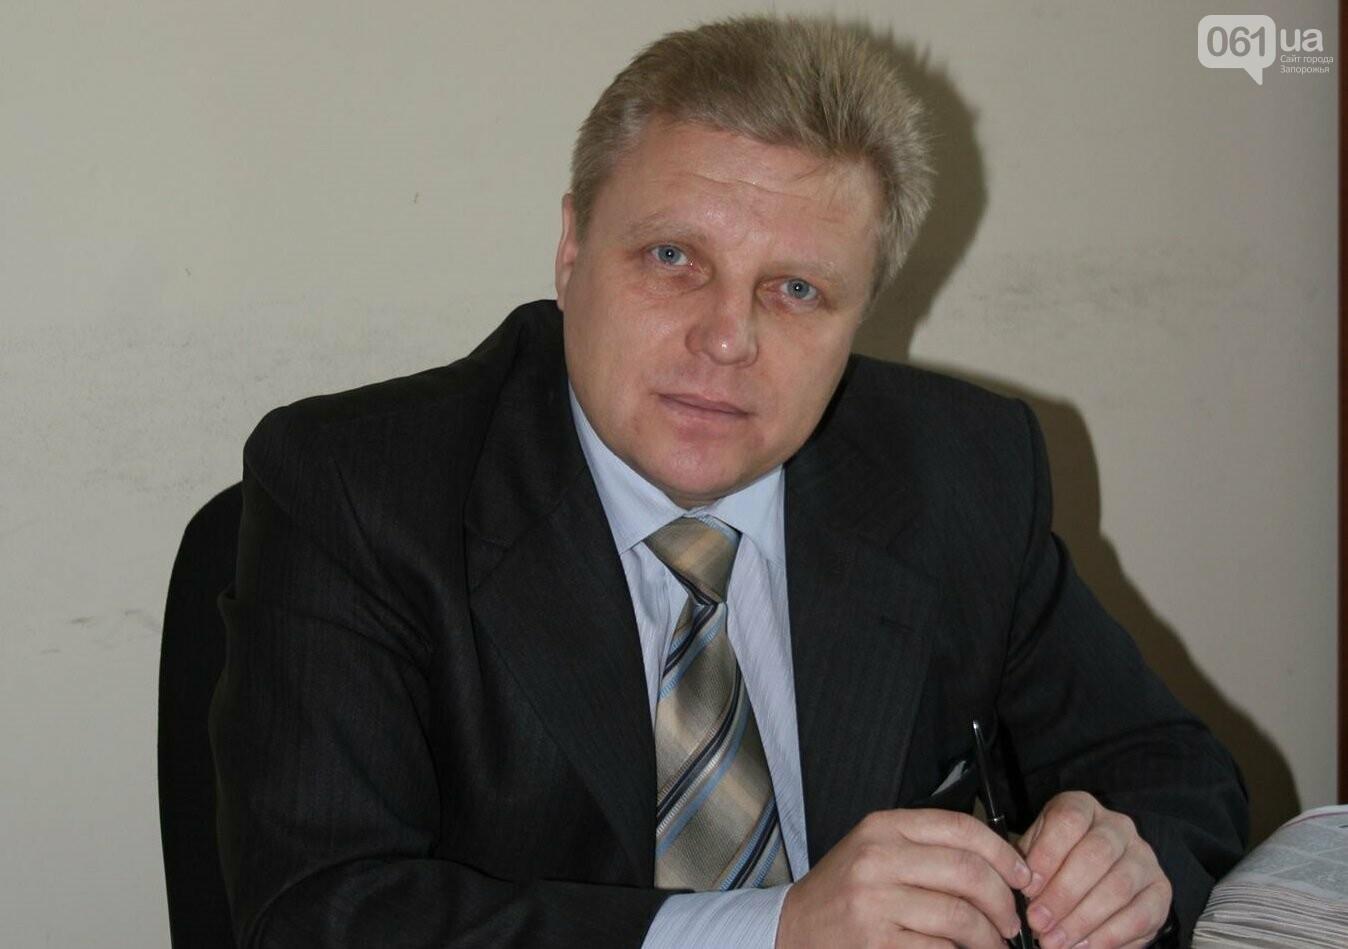 Автор 1654-х петиций Запорожскому горсовету рассказал, зачем он это делает , фото-1